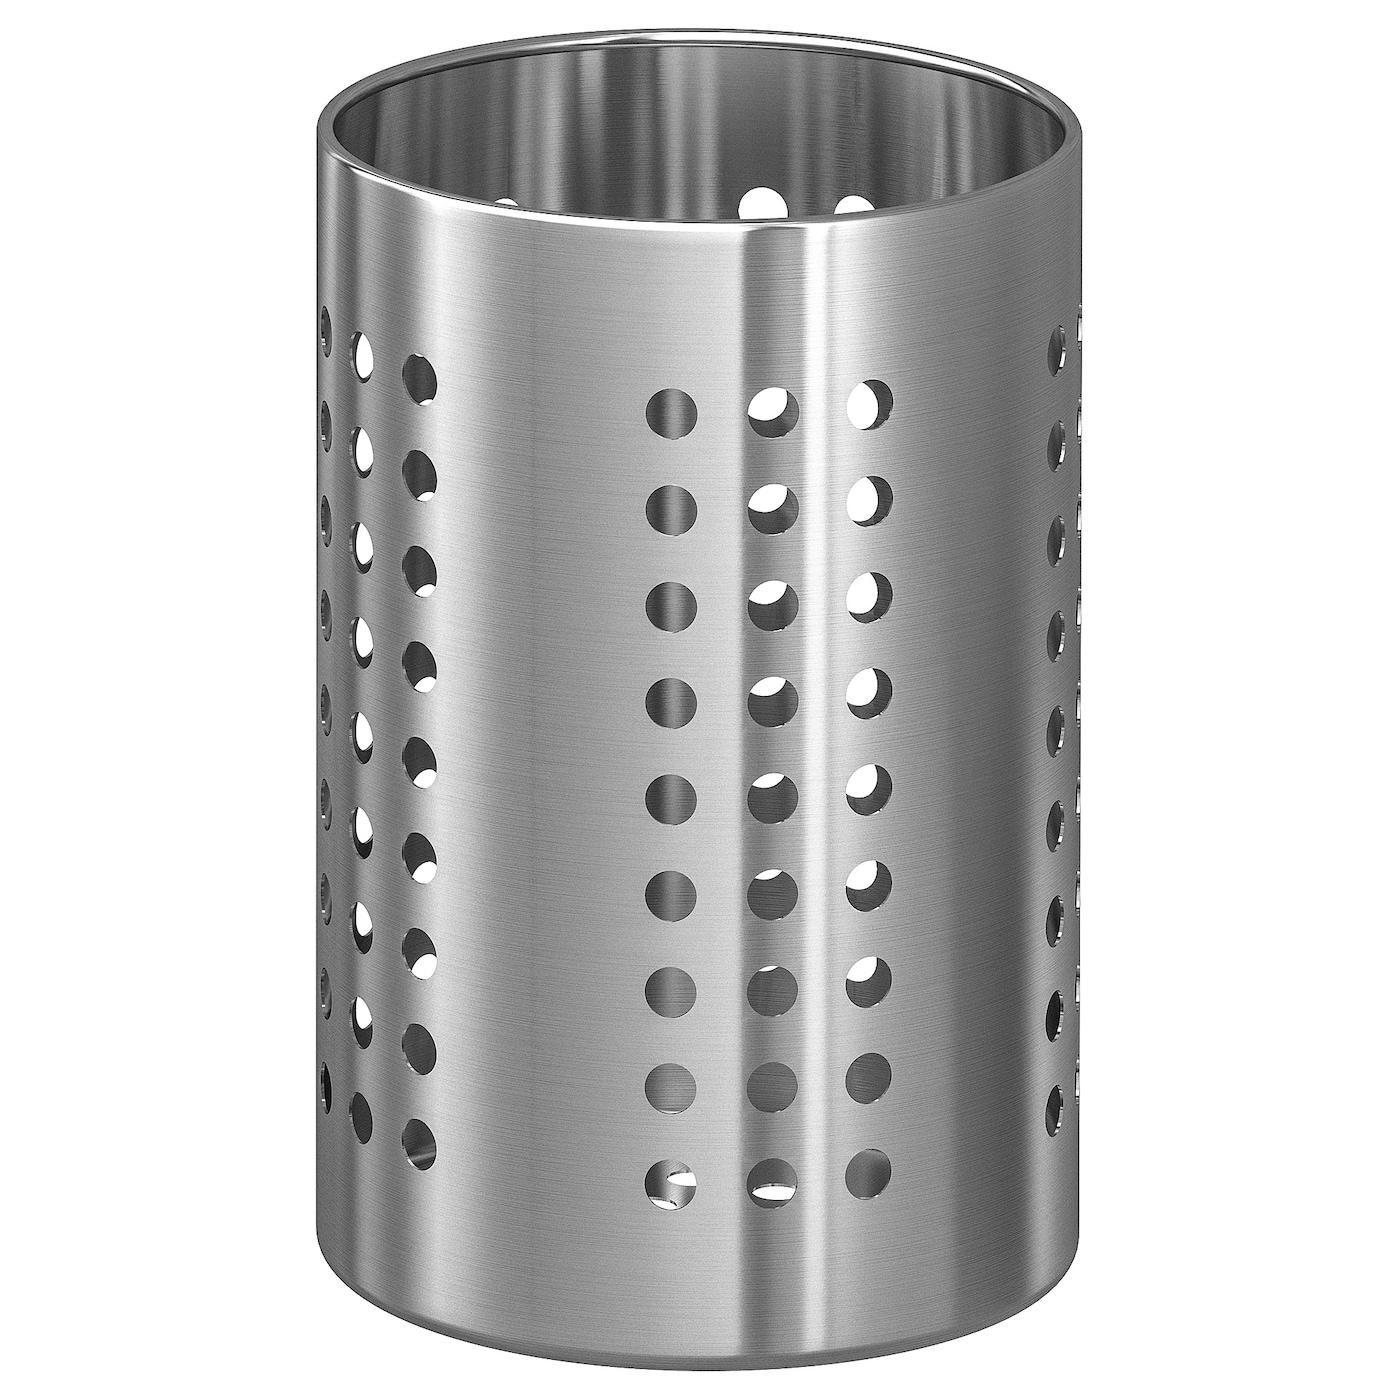 Utensil holder ORDNING stainless steel